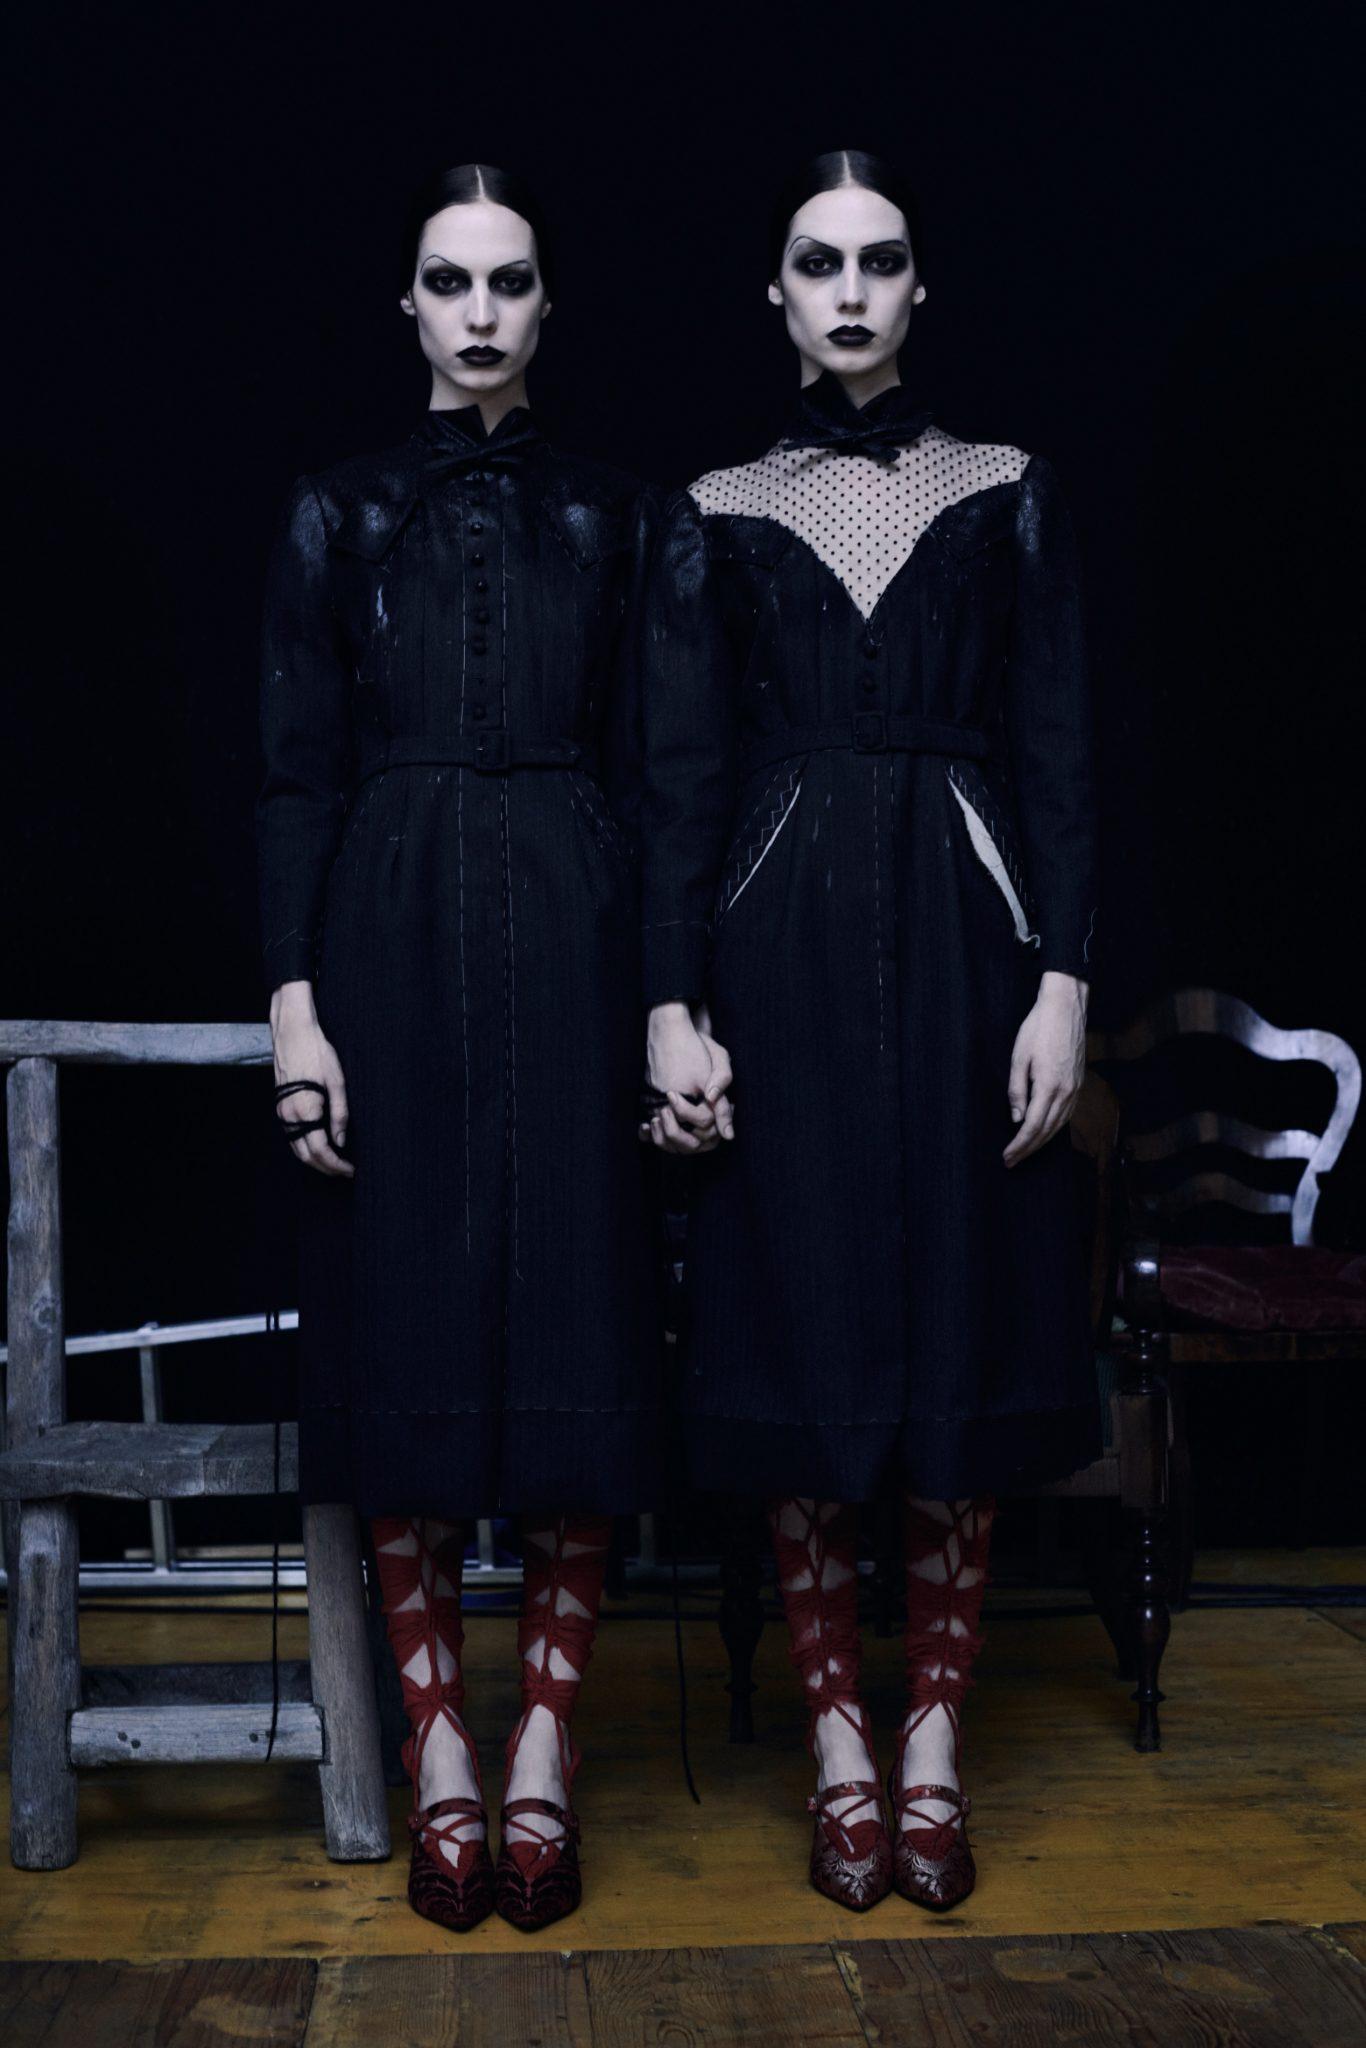 De SS21-collectie van Maison Margiela biedt stijlvolle inspiratie voor Halloween - 8